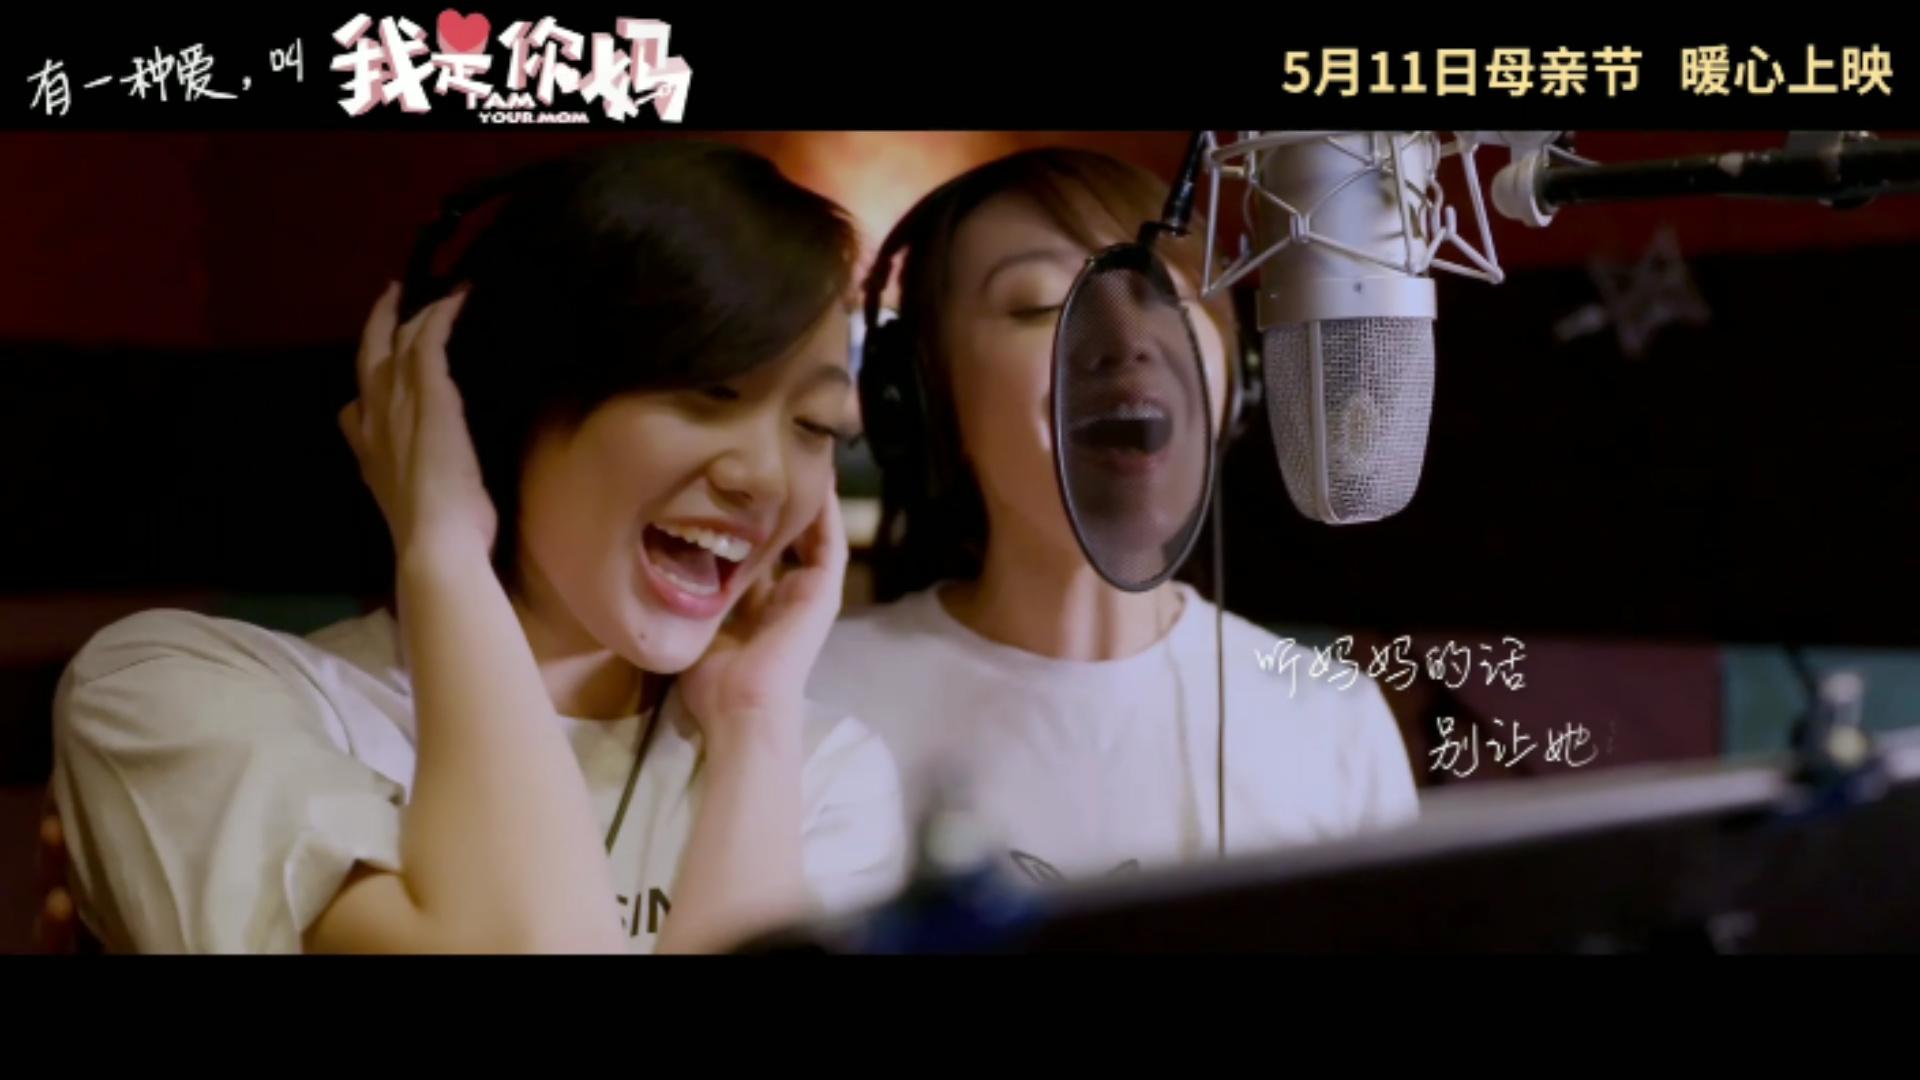 电影《我是你妈》今天曝出一支《听妈妈的话》mv,主演闫妮和女儿